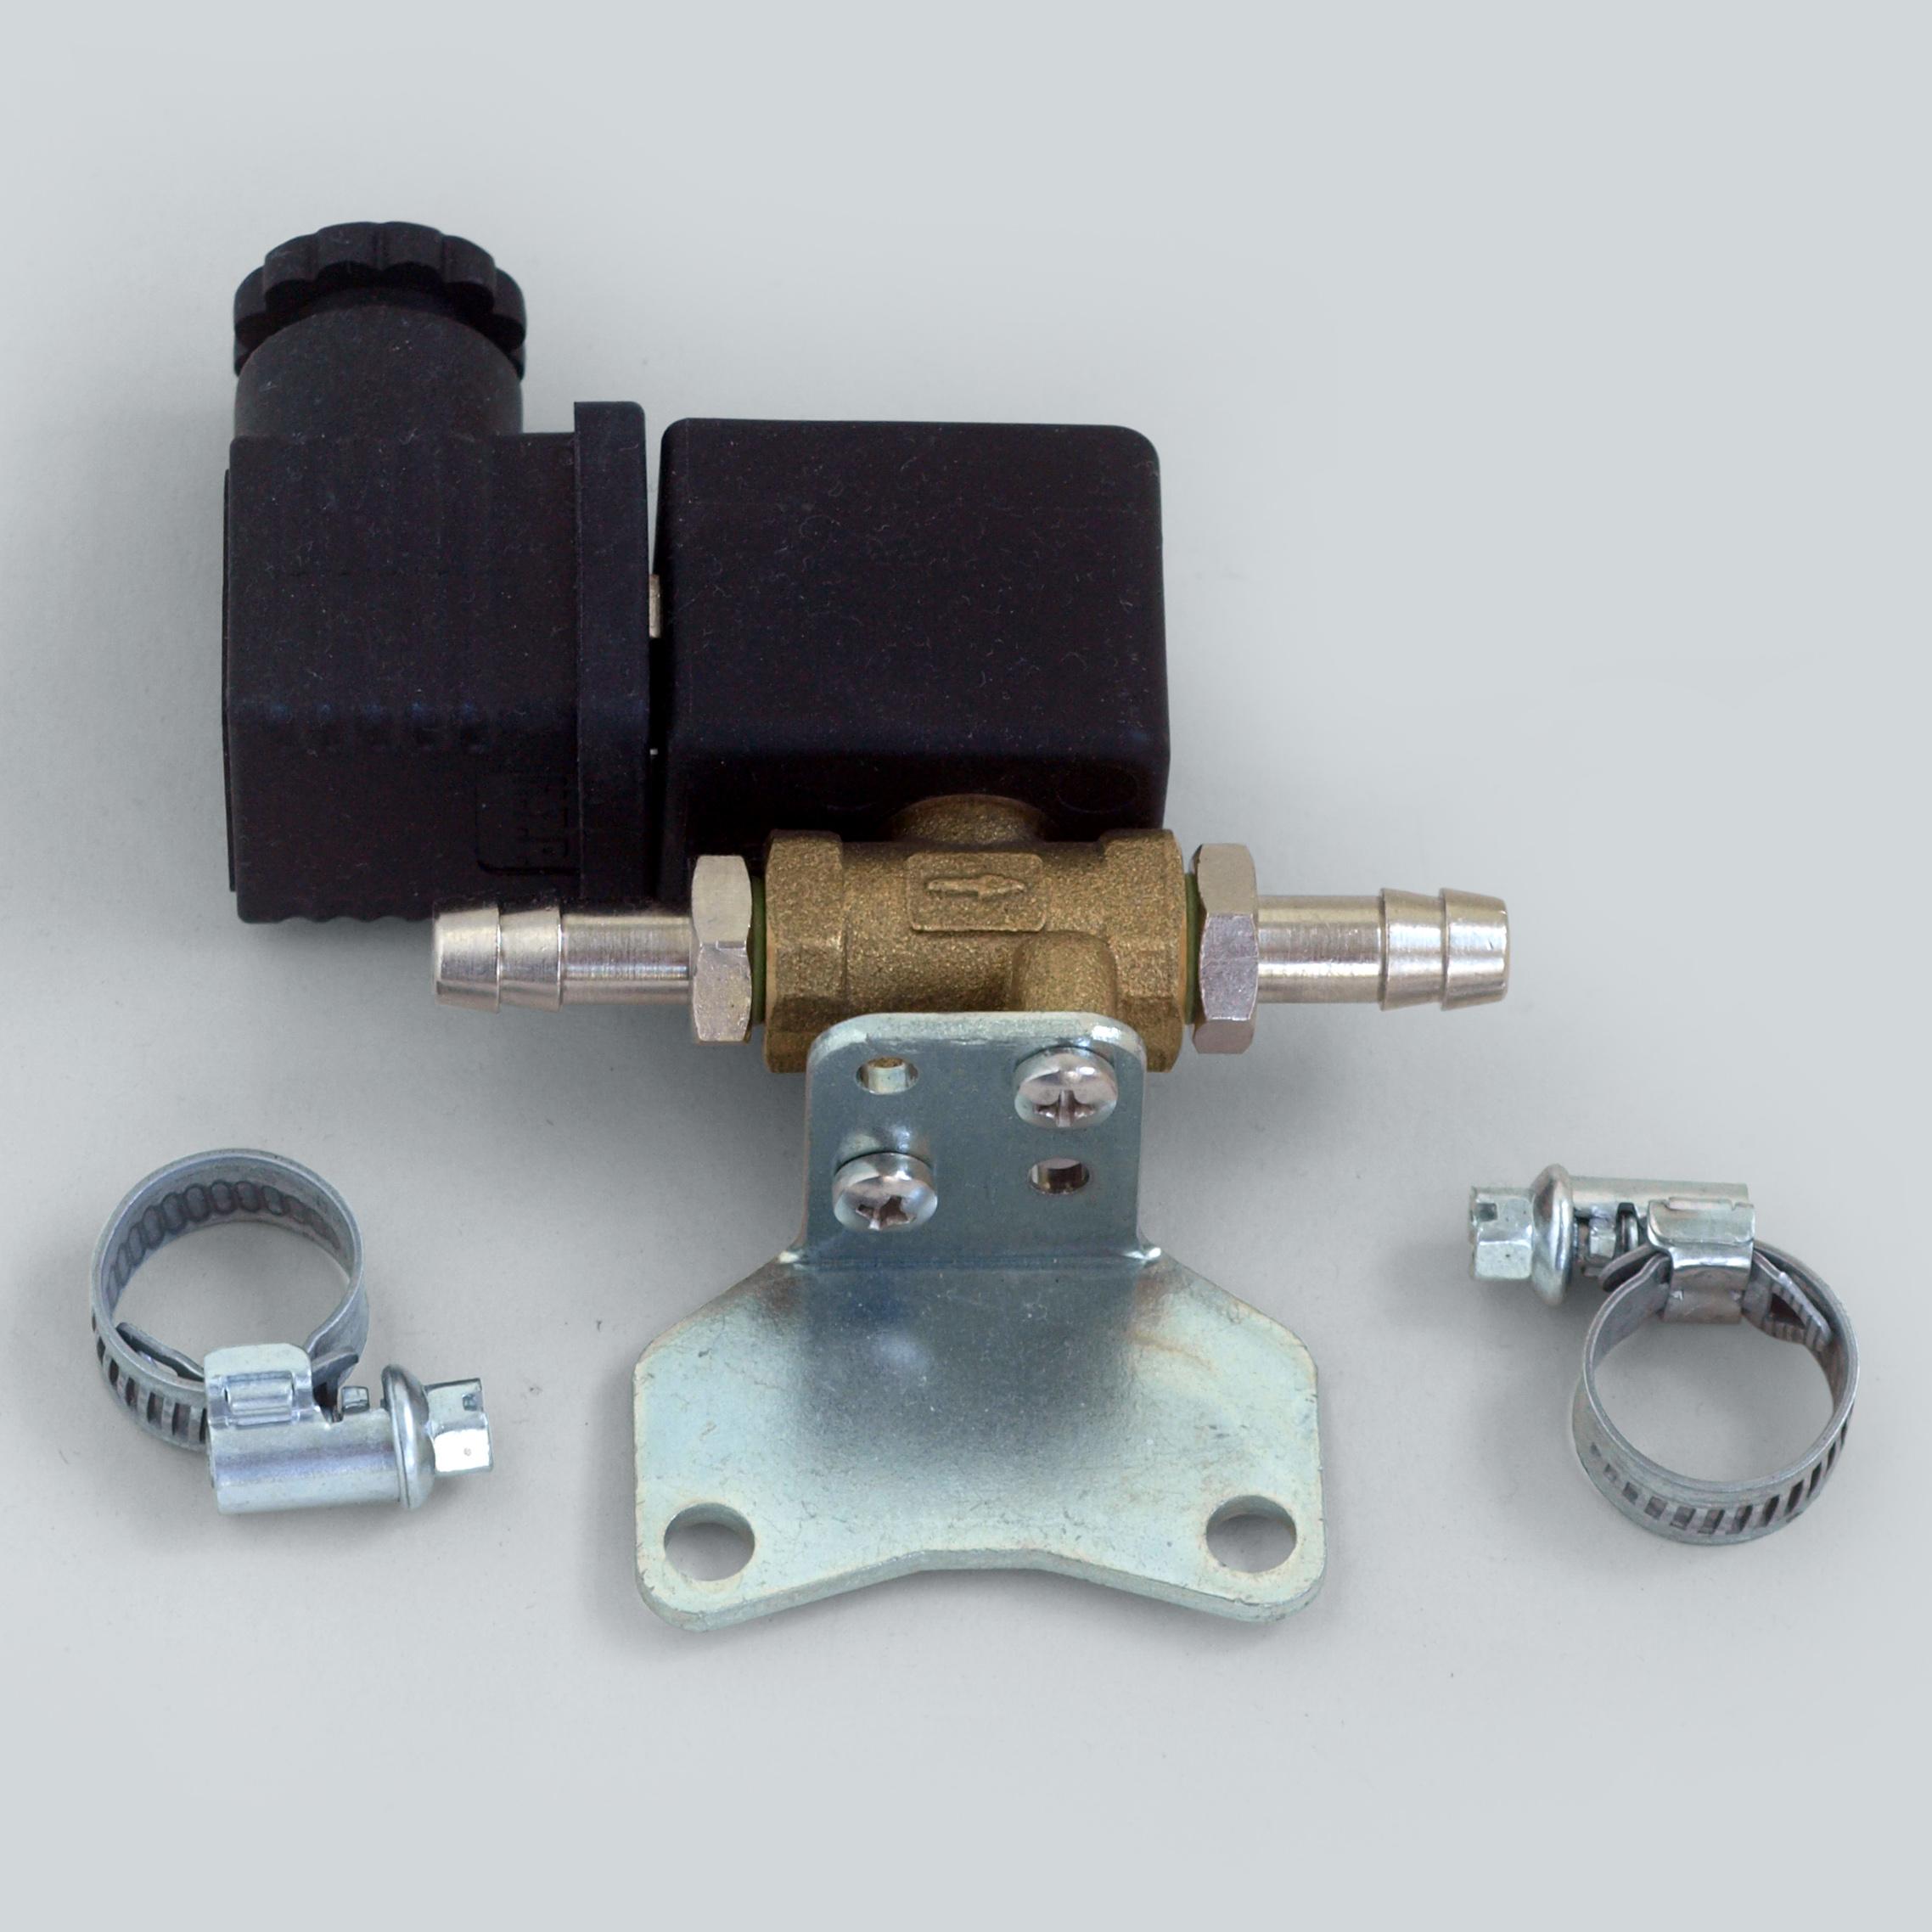 Heinrici - Benzinventil, elektrisch geschaltet